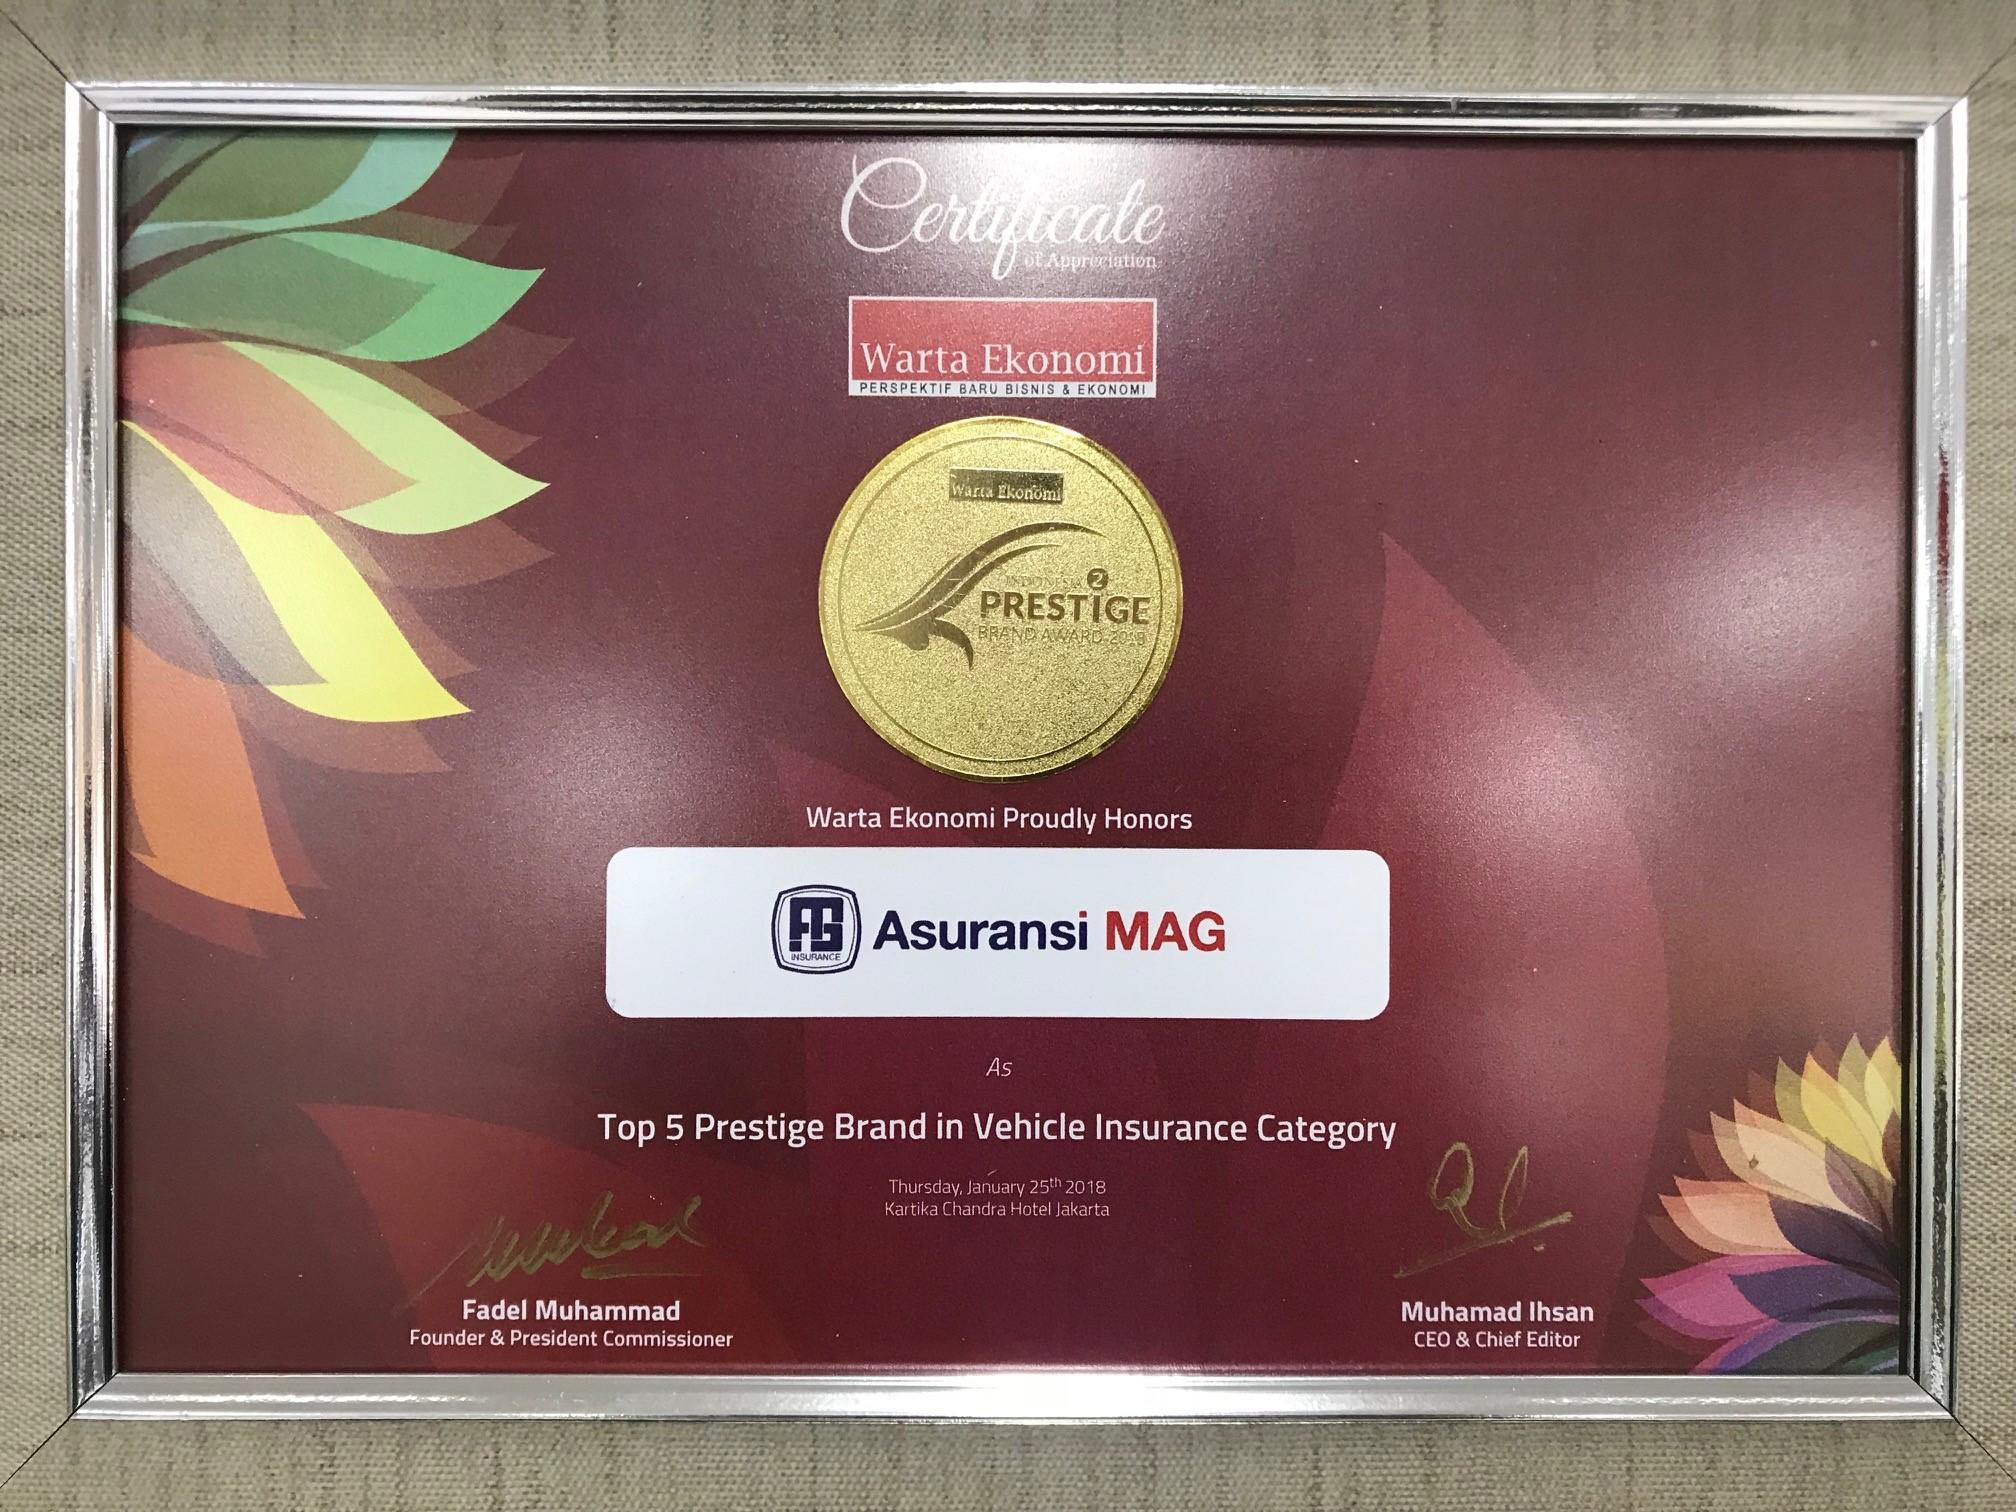 """Pencapaian pertama yang di dapatkan di tahun 2018 oleh Perusahaan dari majalah Warta Ekonomi  yaitu """"Top 5 Prestige Brand Vehicle Insurance Category""""."""